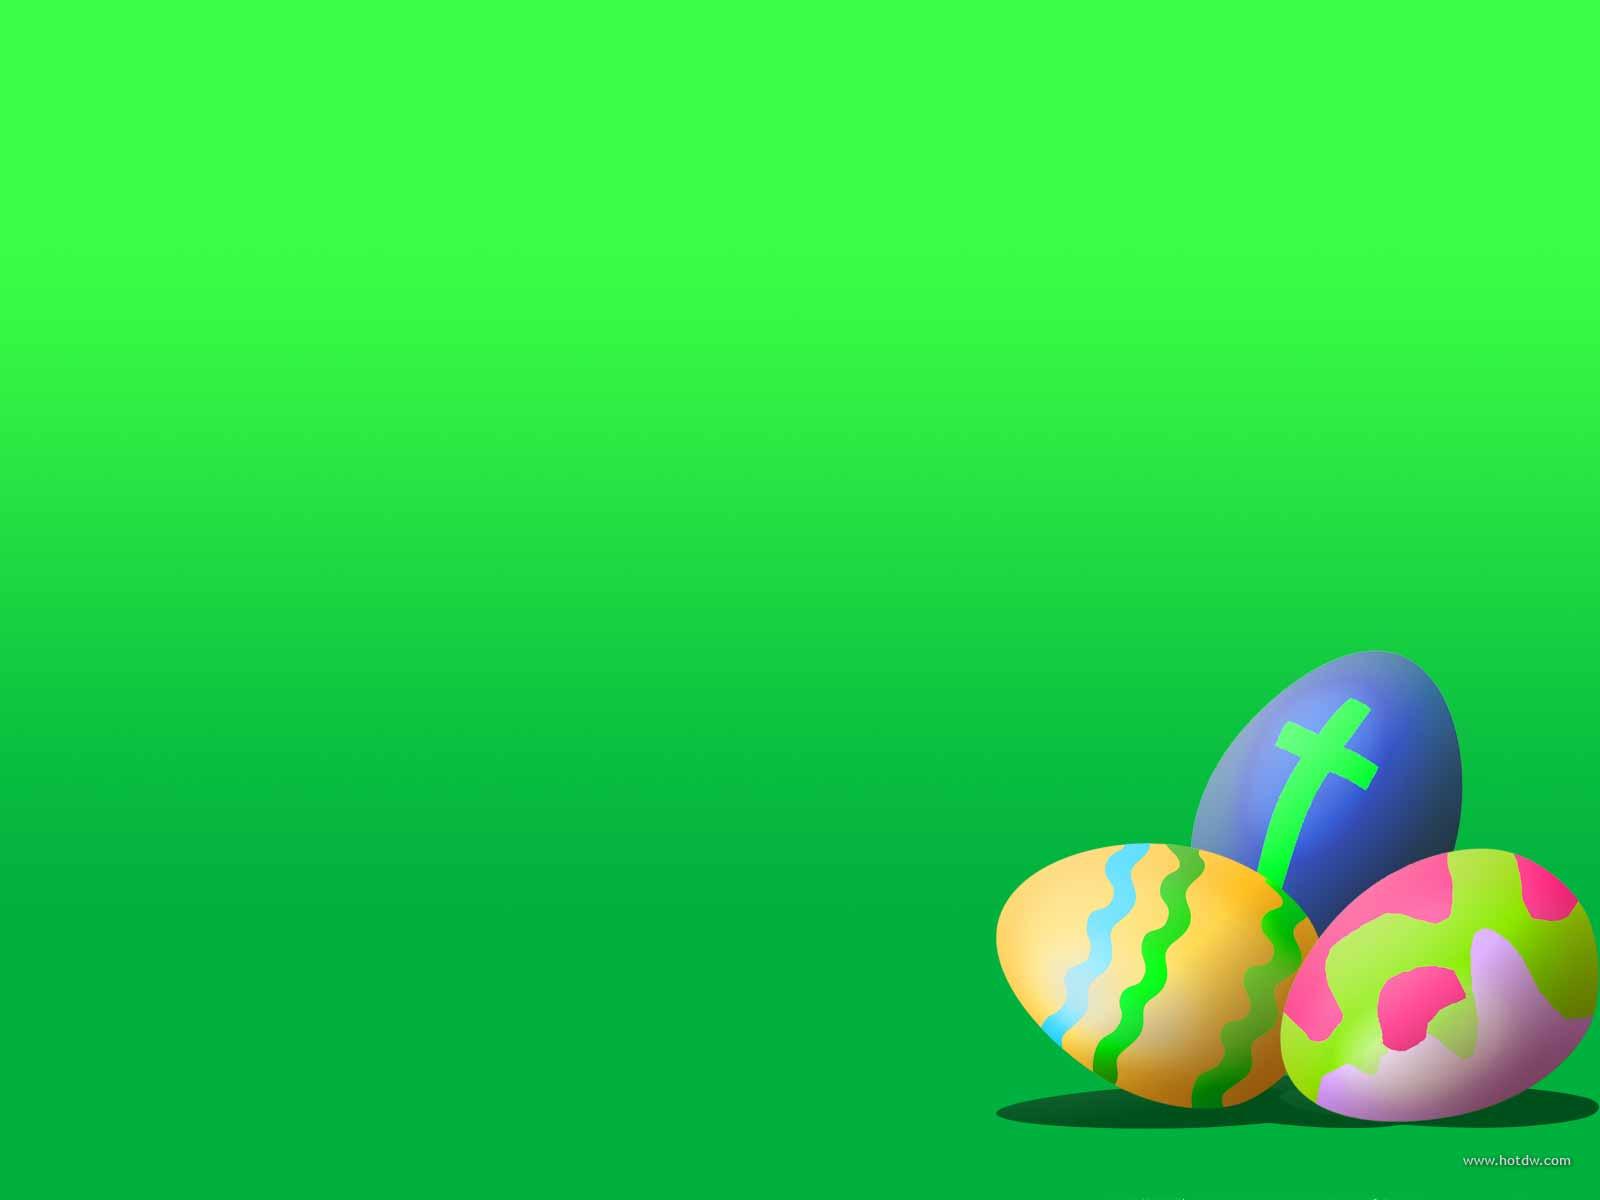 Easter Egg Backgrounds